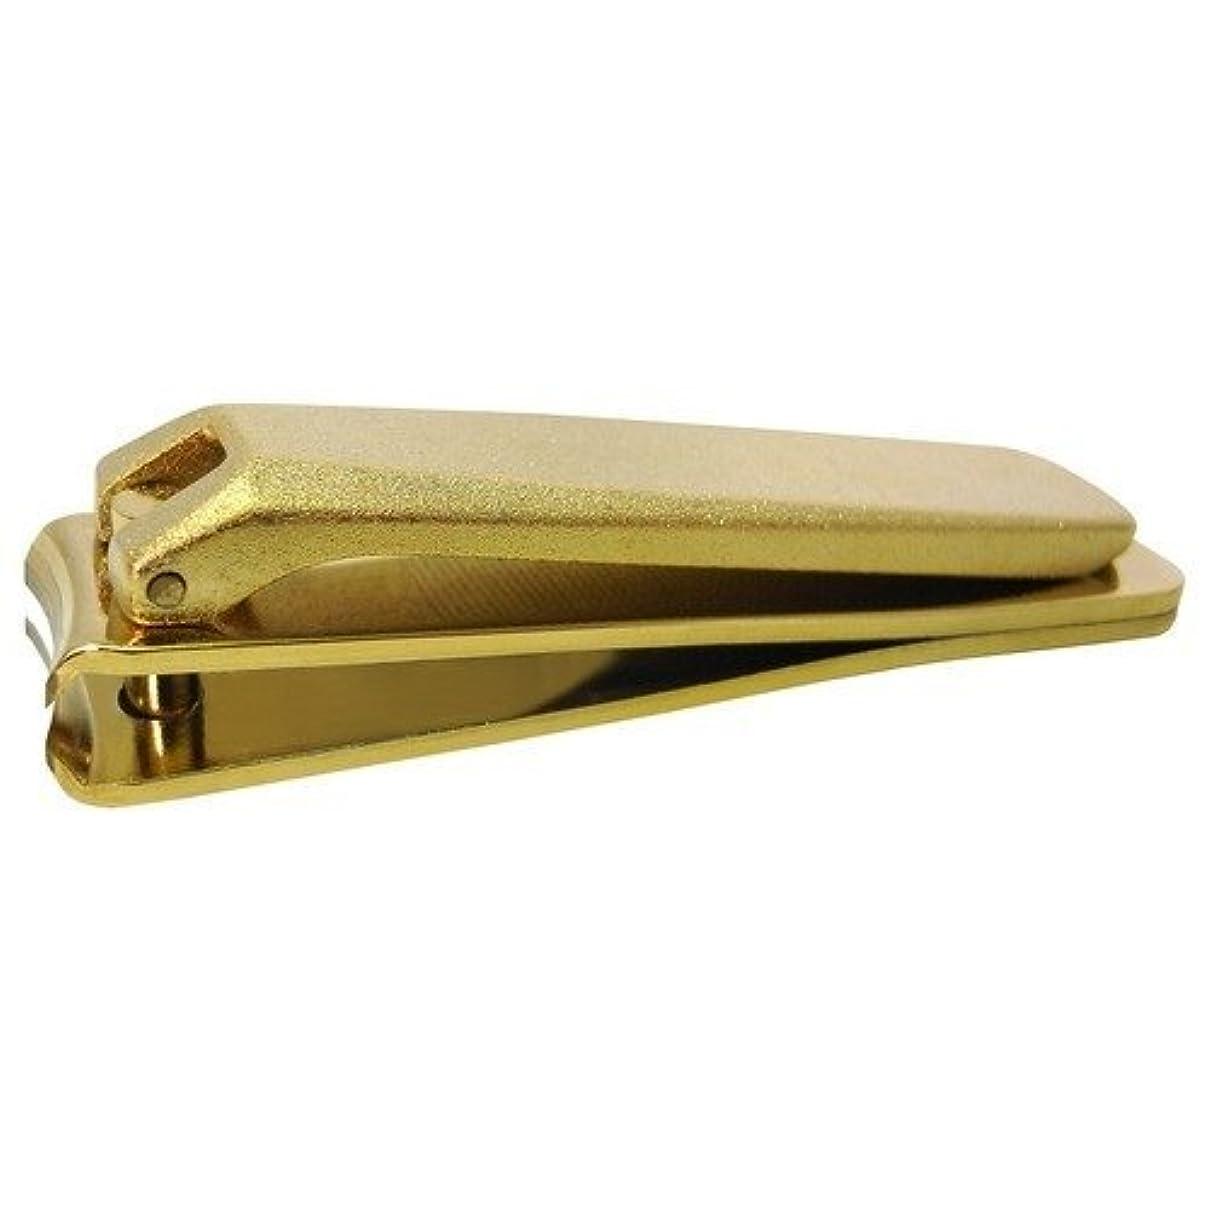 組立癒す熟練したKD-029 関の刃物 ゴールド爪切 大 カバー無